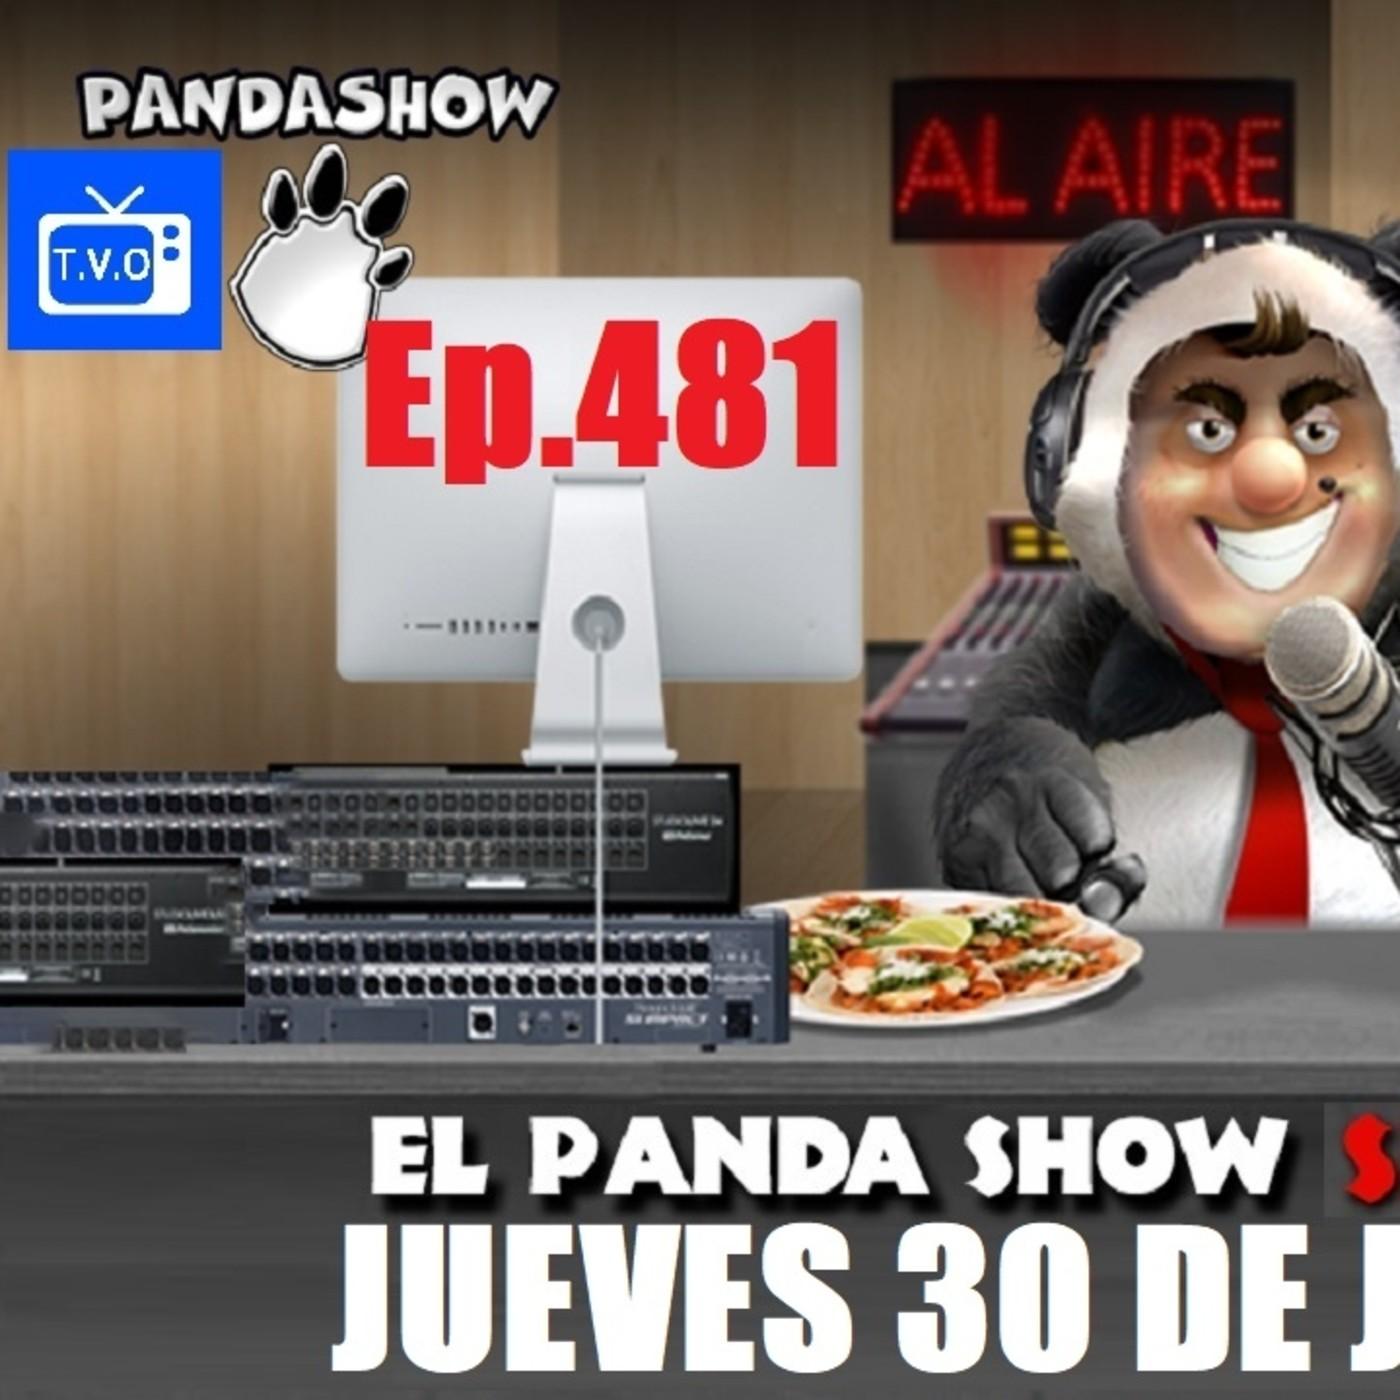 EL PANDA SHOW Ep. 481 JUEVES 30 DE JULIO 2020